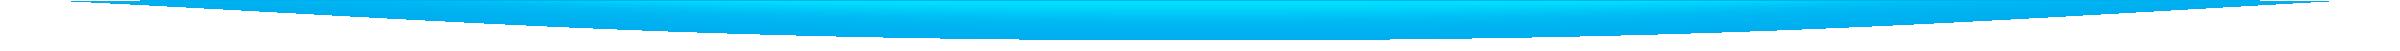 5 Fortune Dragons Page Desktop Divider